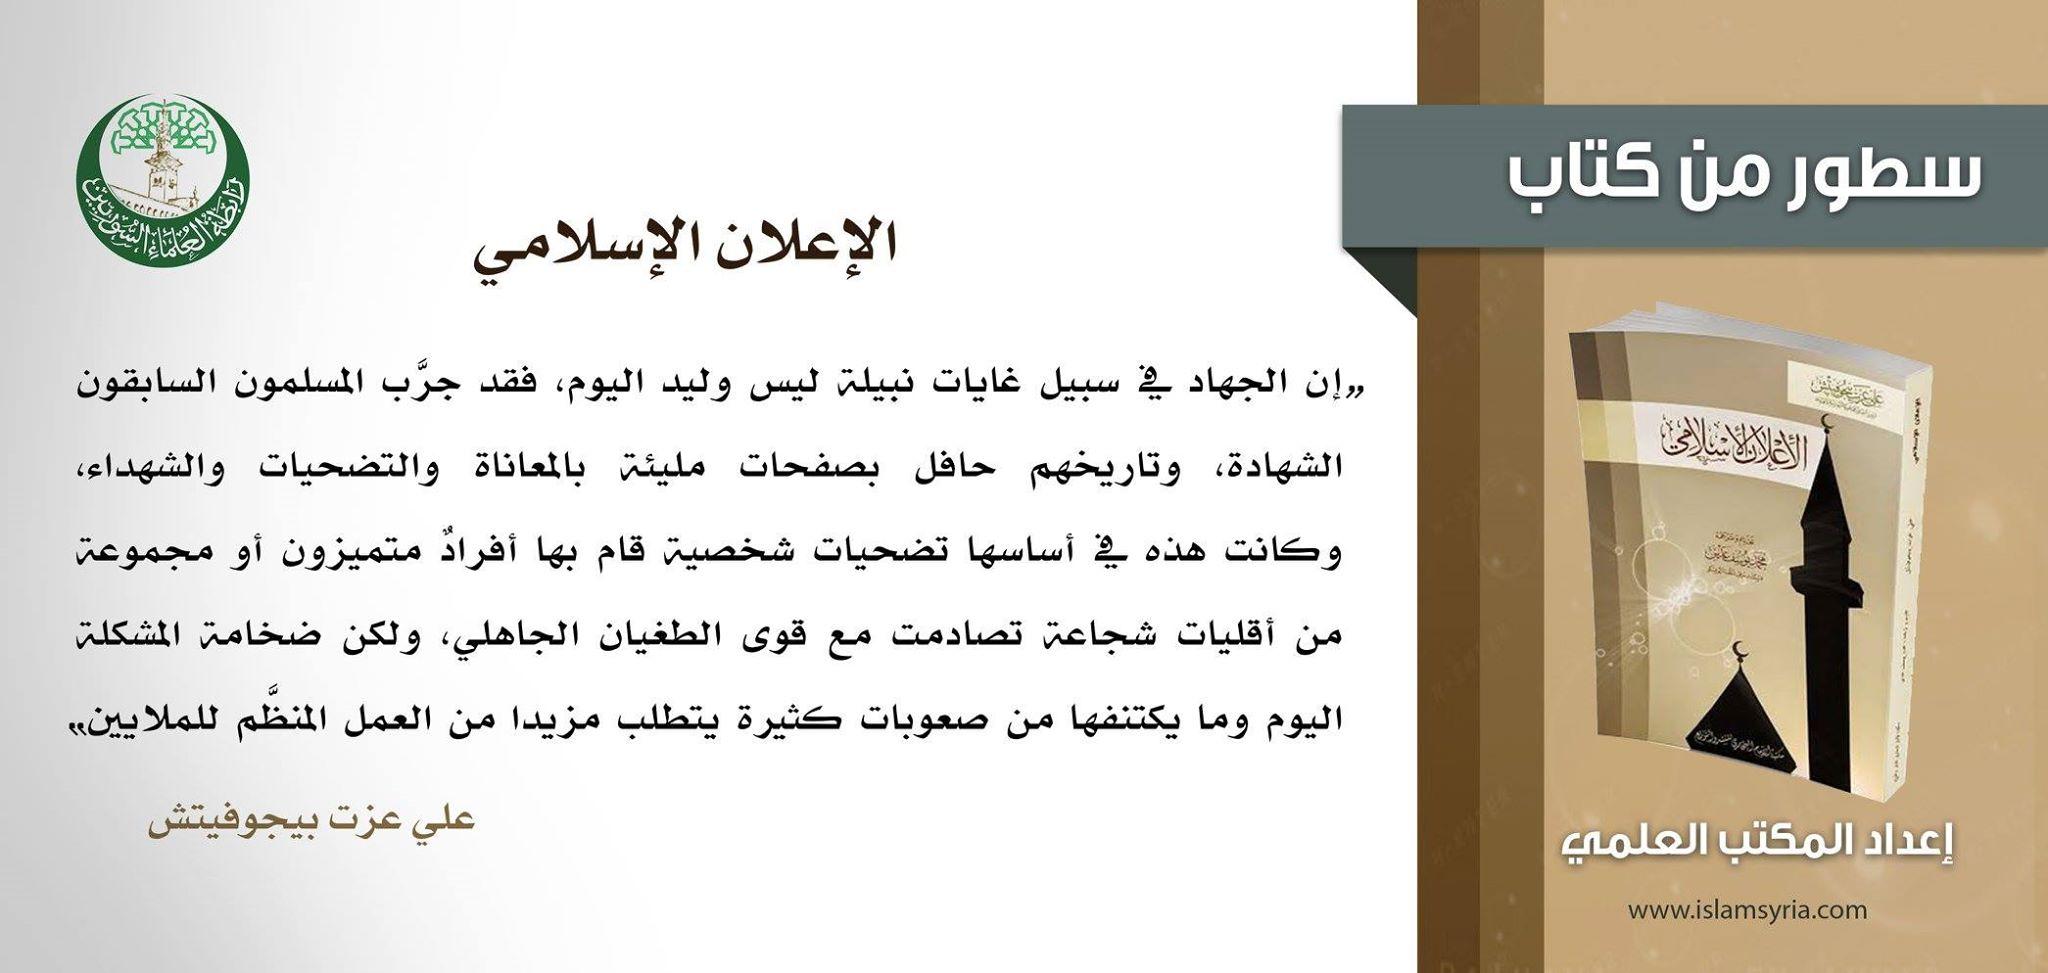 سطور من كتاب ||الإعلان الإسلامي||علي عزت بيجوفيتش